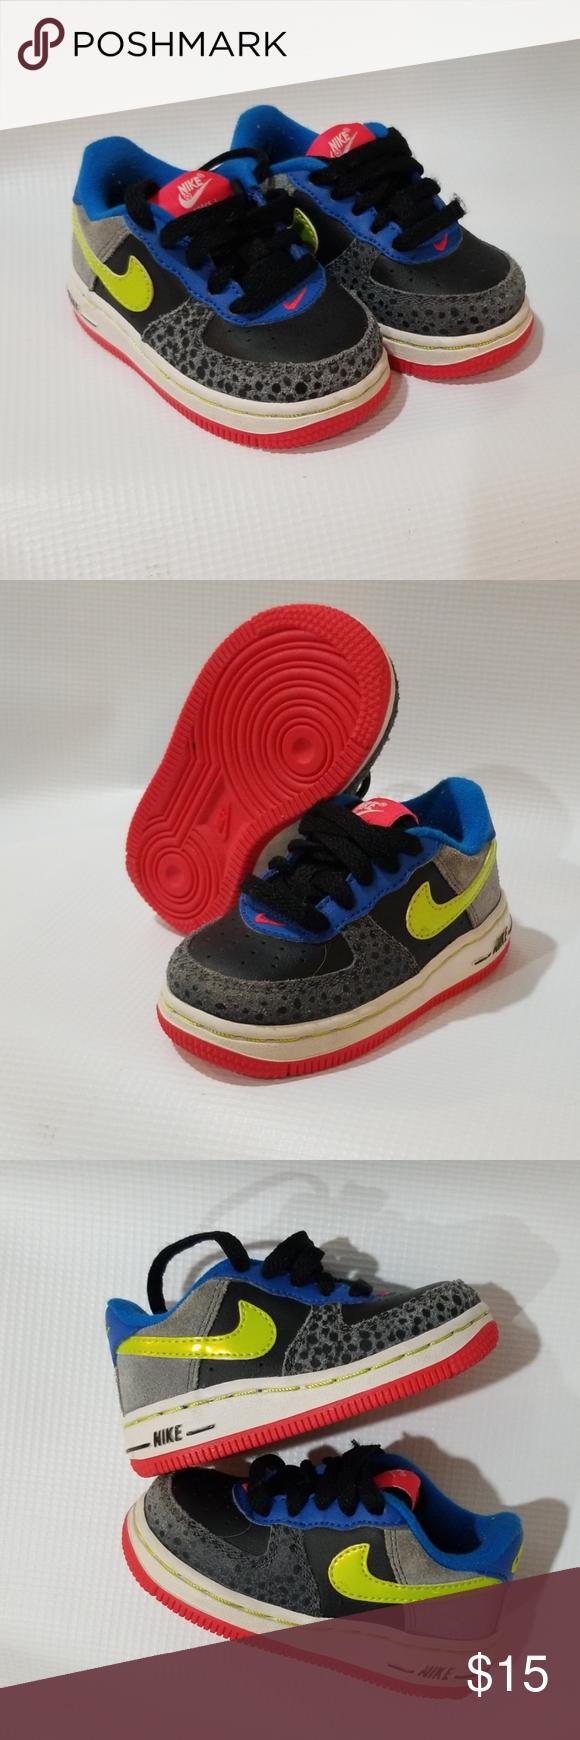 Toddler Nike air force 1 | Toddler